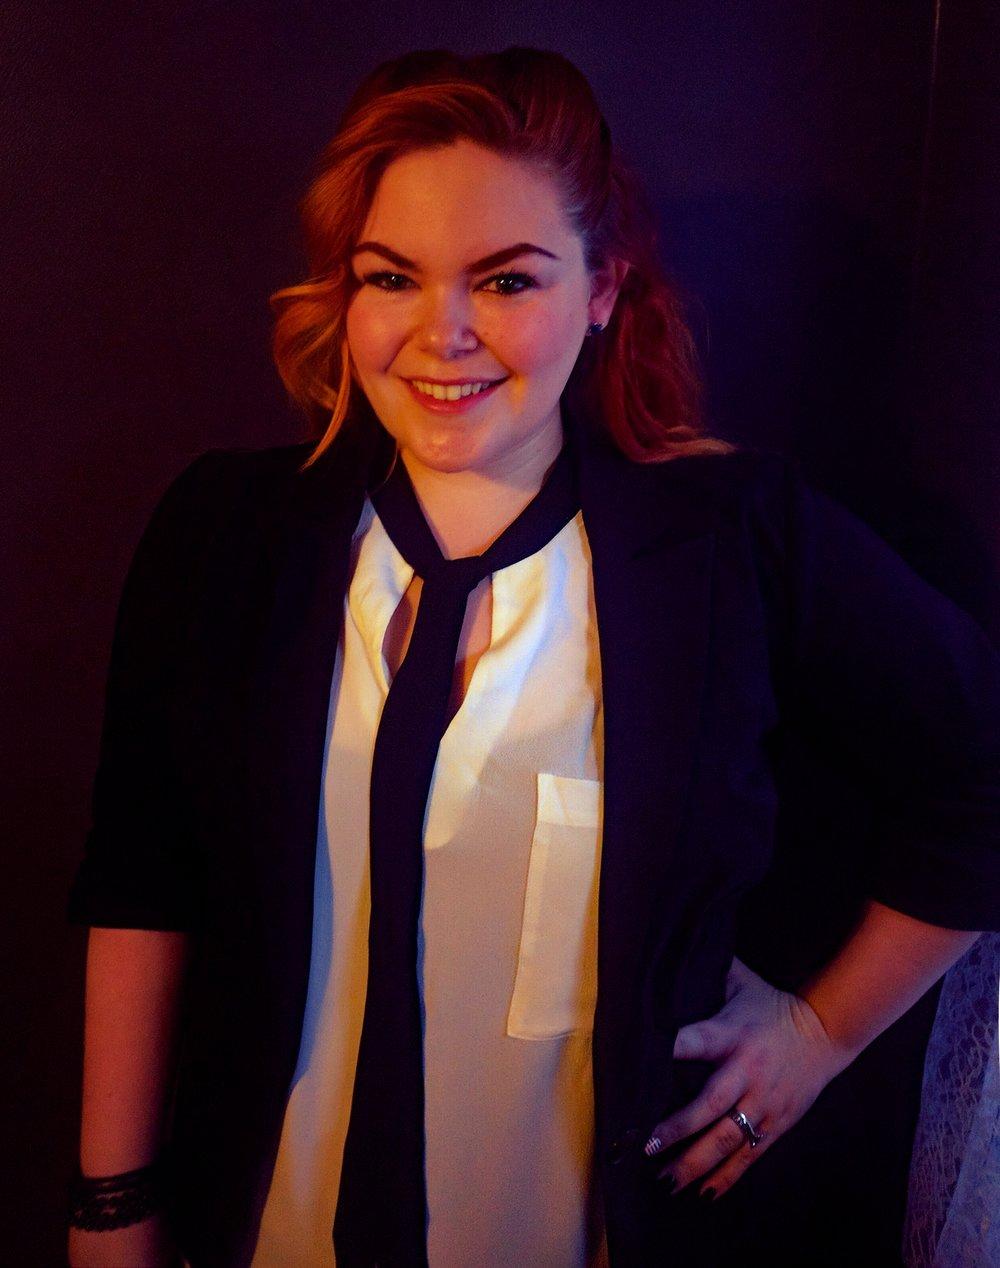 Jillian Sarkis, Designer for D'Angelo's Plumbing & Heating.